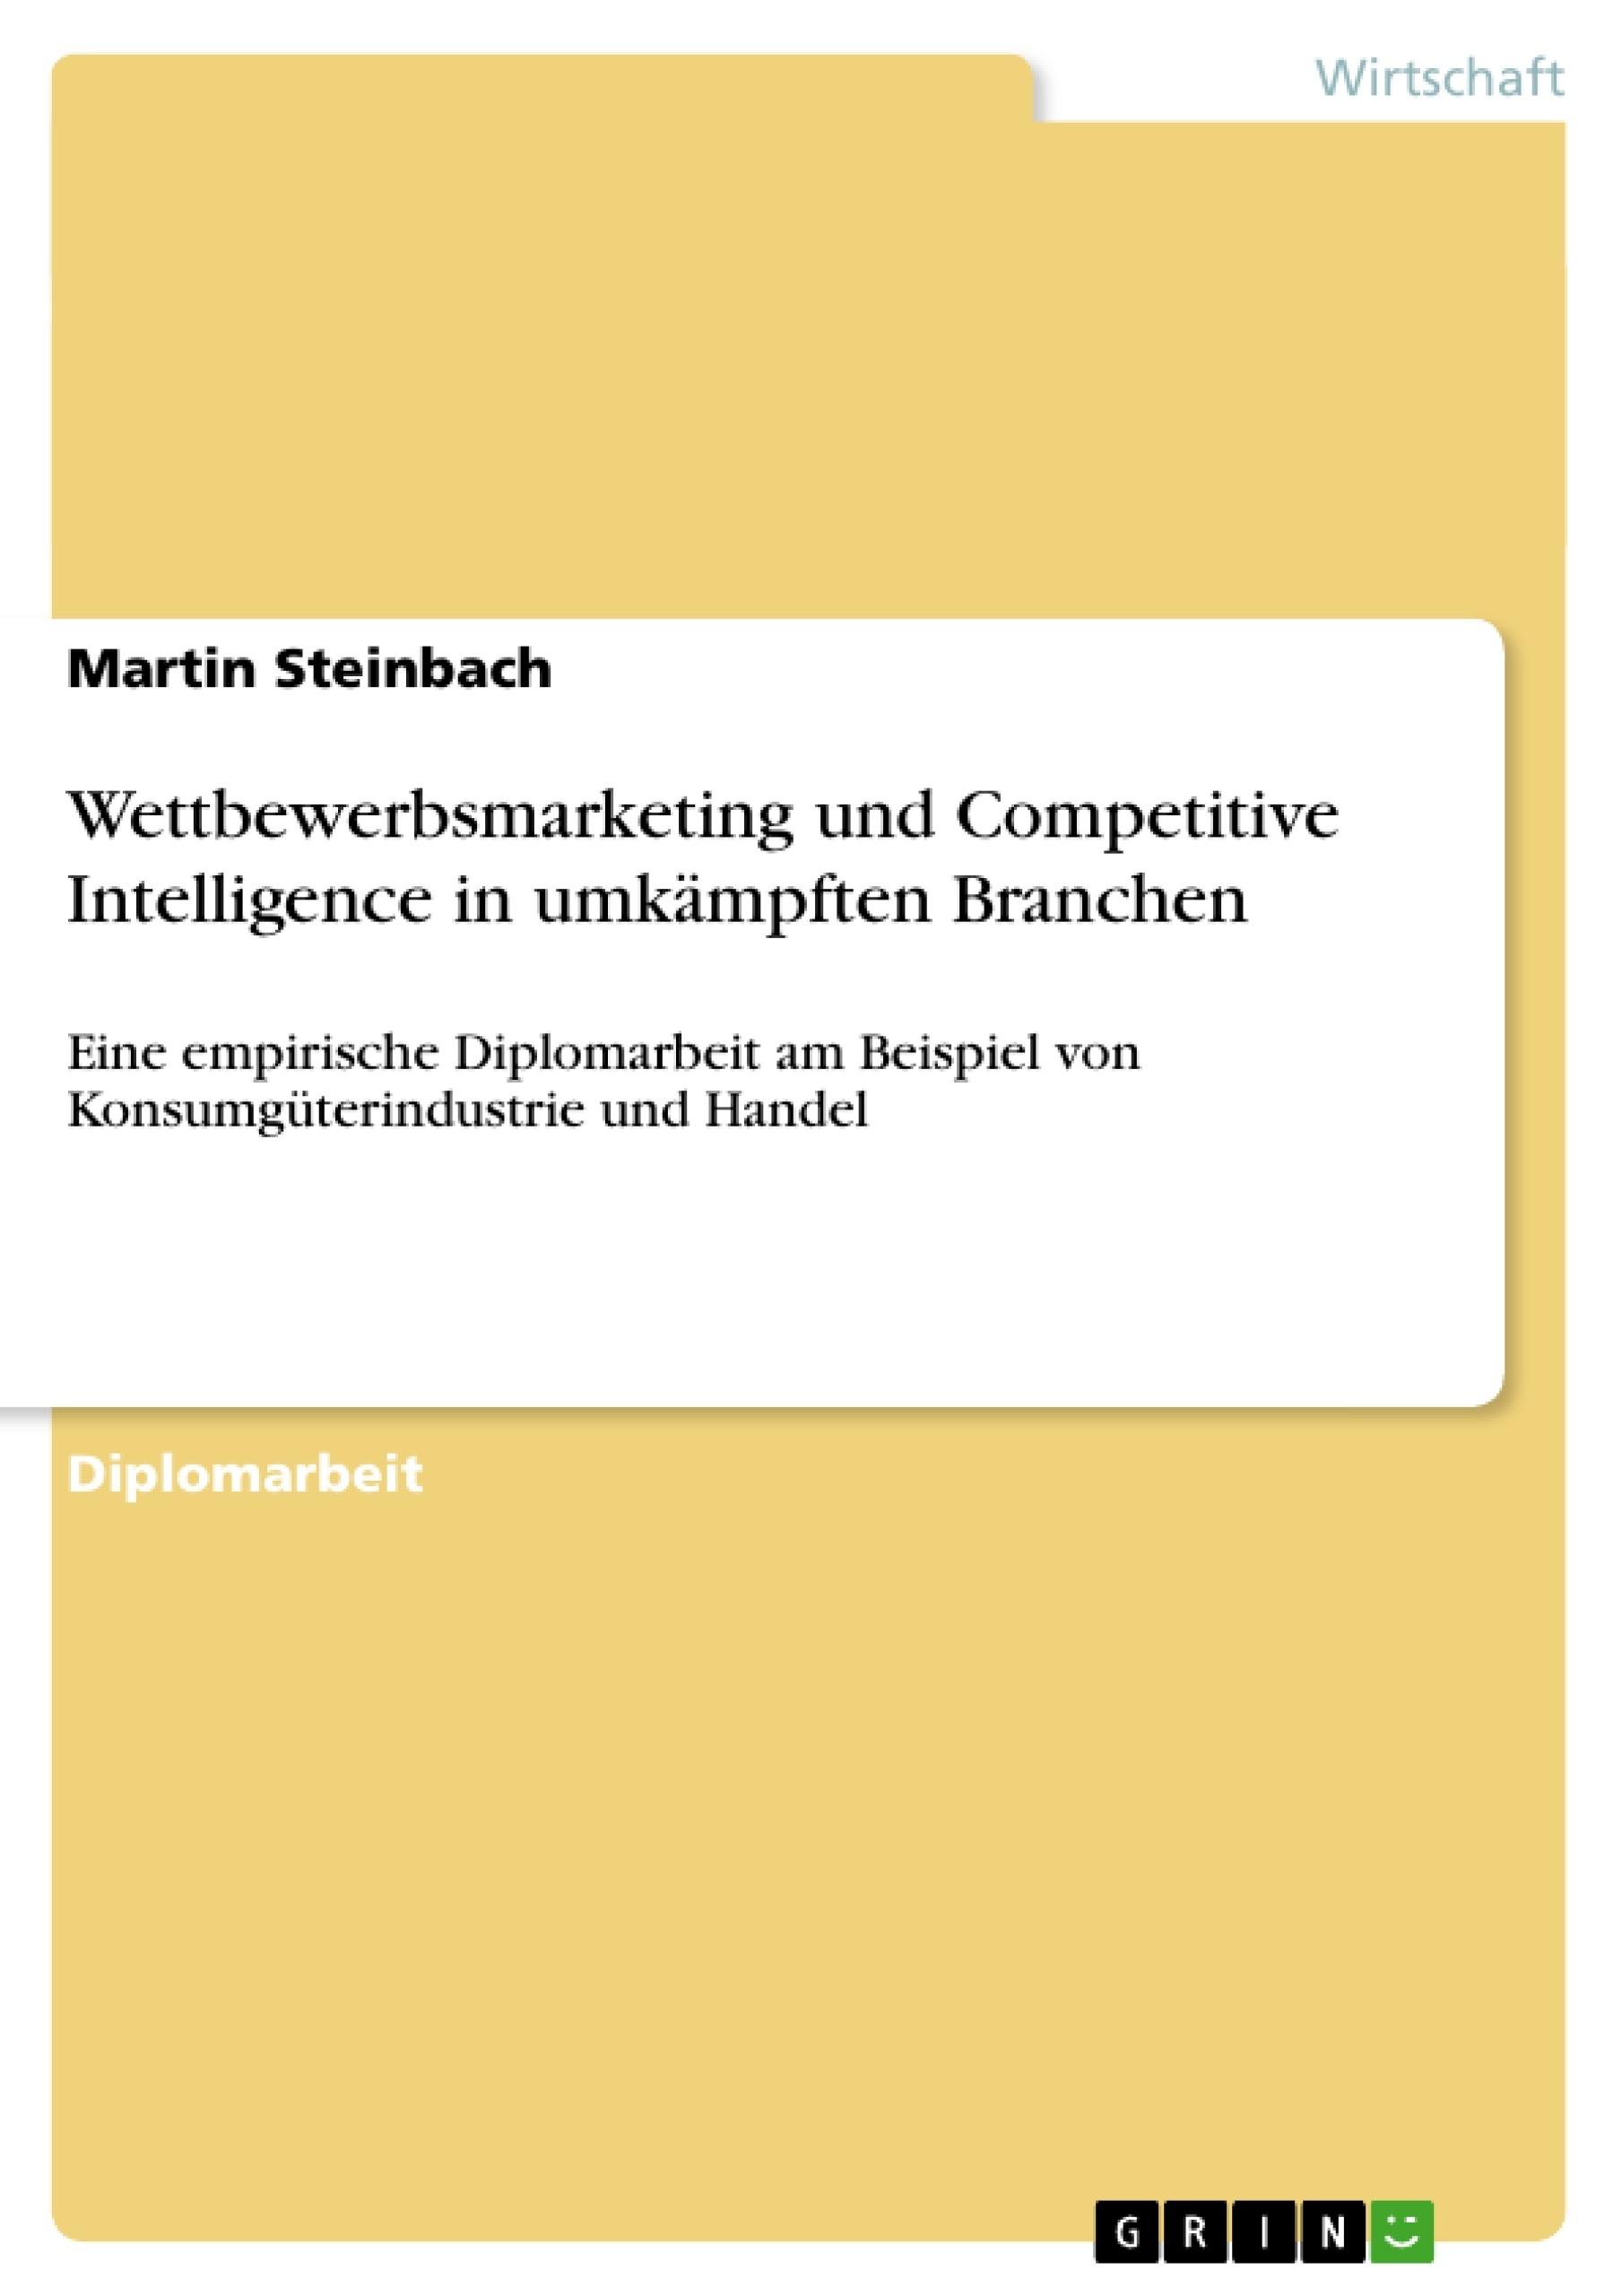 Titel: Wettbewerbsmarketing und Competitive Intelligence in umkämpften Branchen